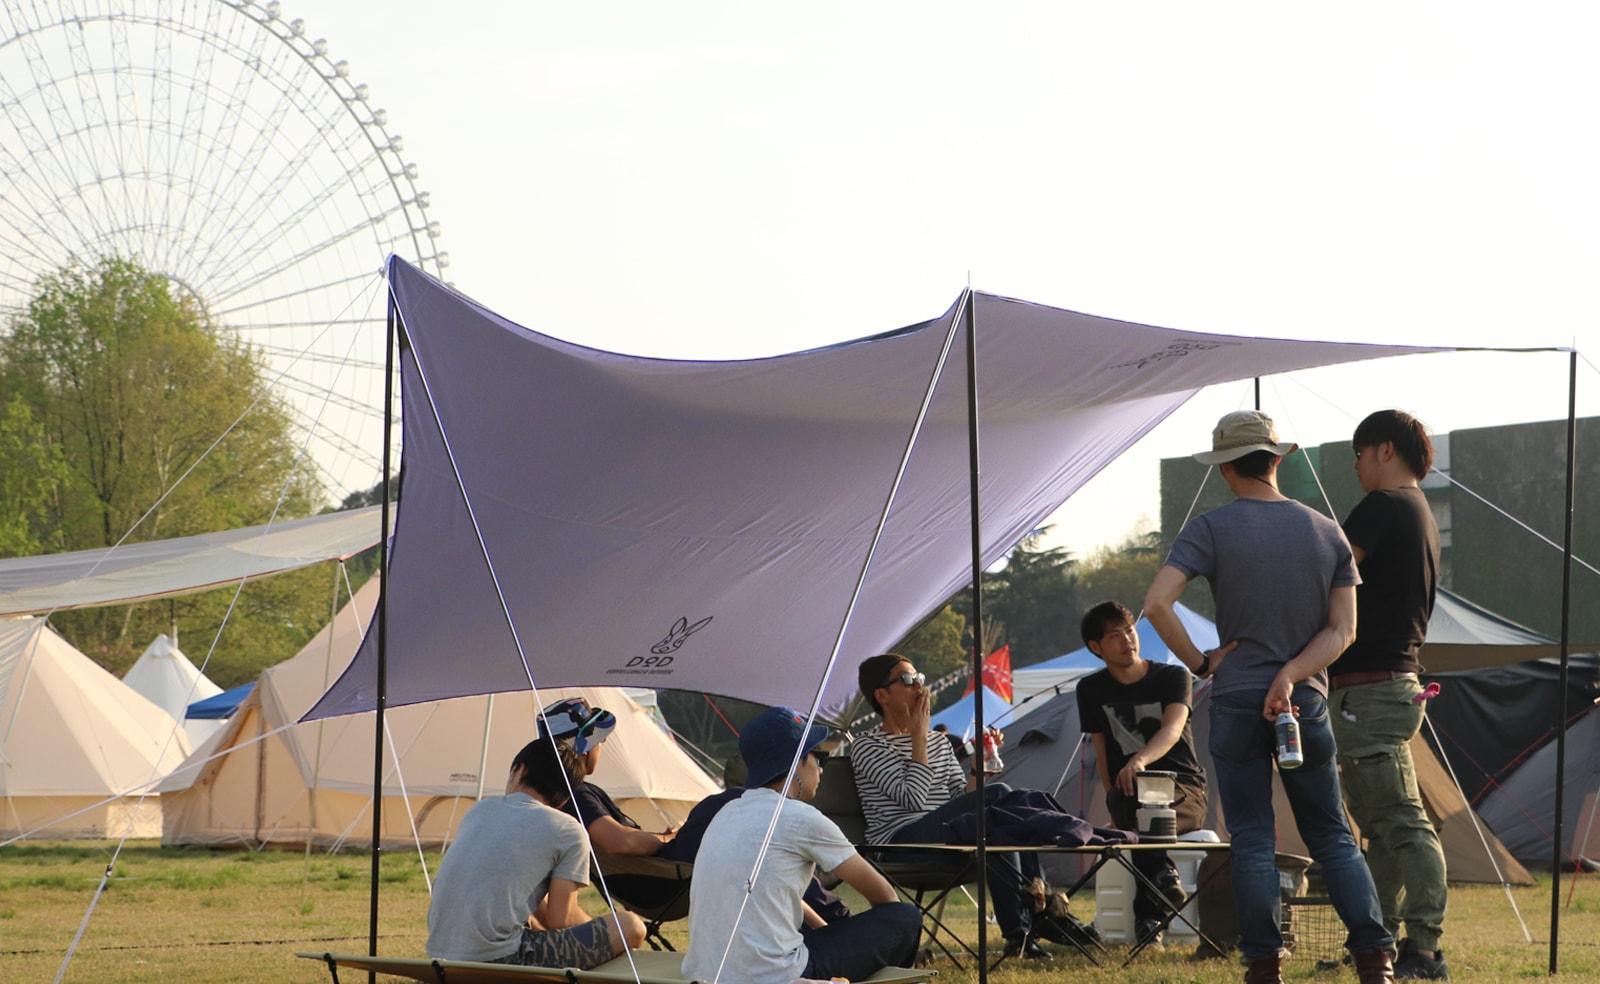 キャンプにタープって本当に必要?メリット・デメリットをまとめてみた。